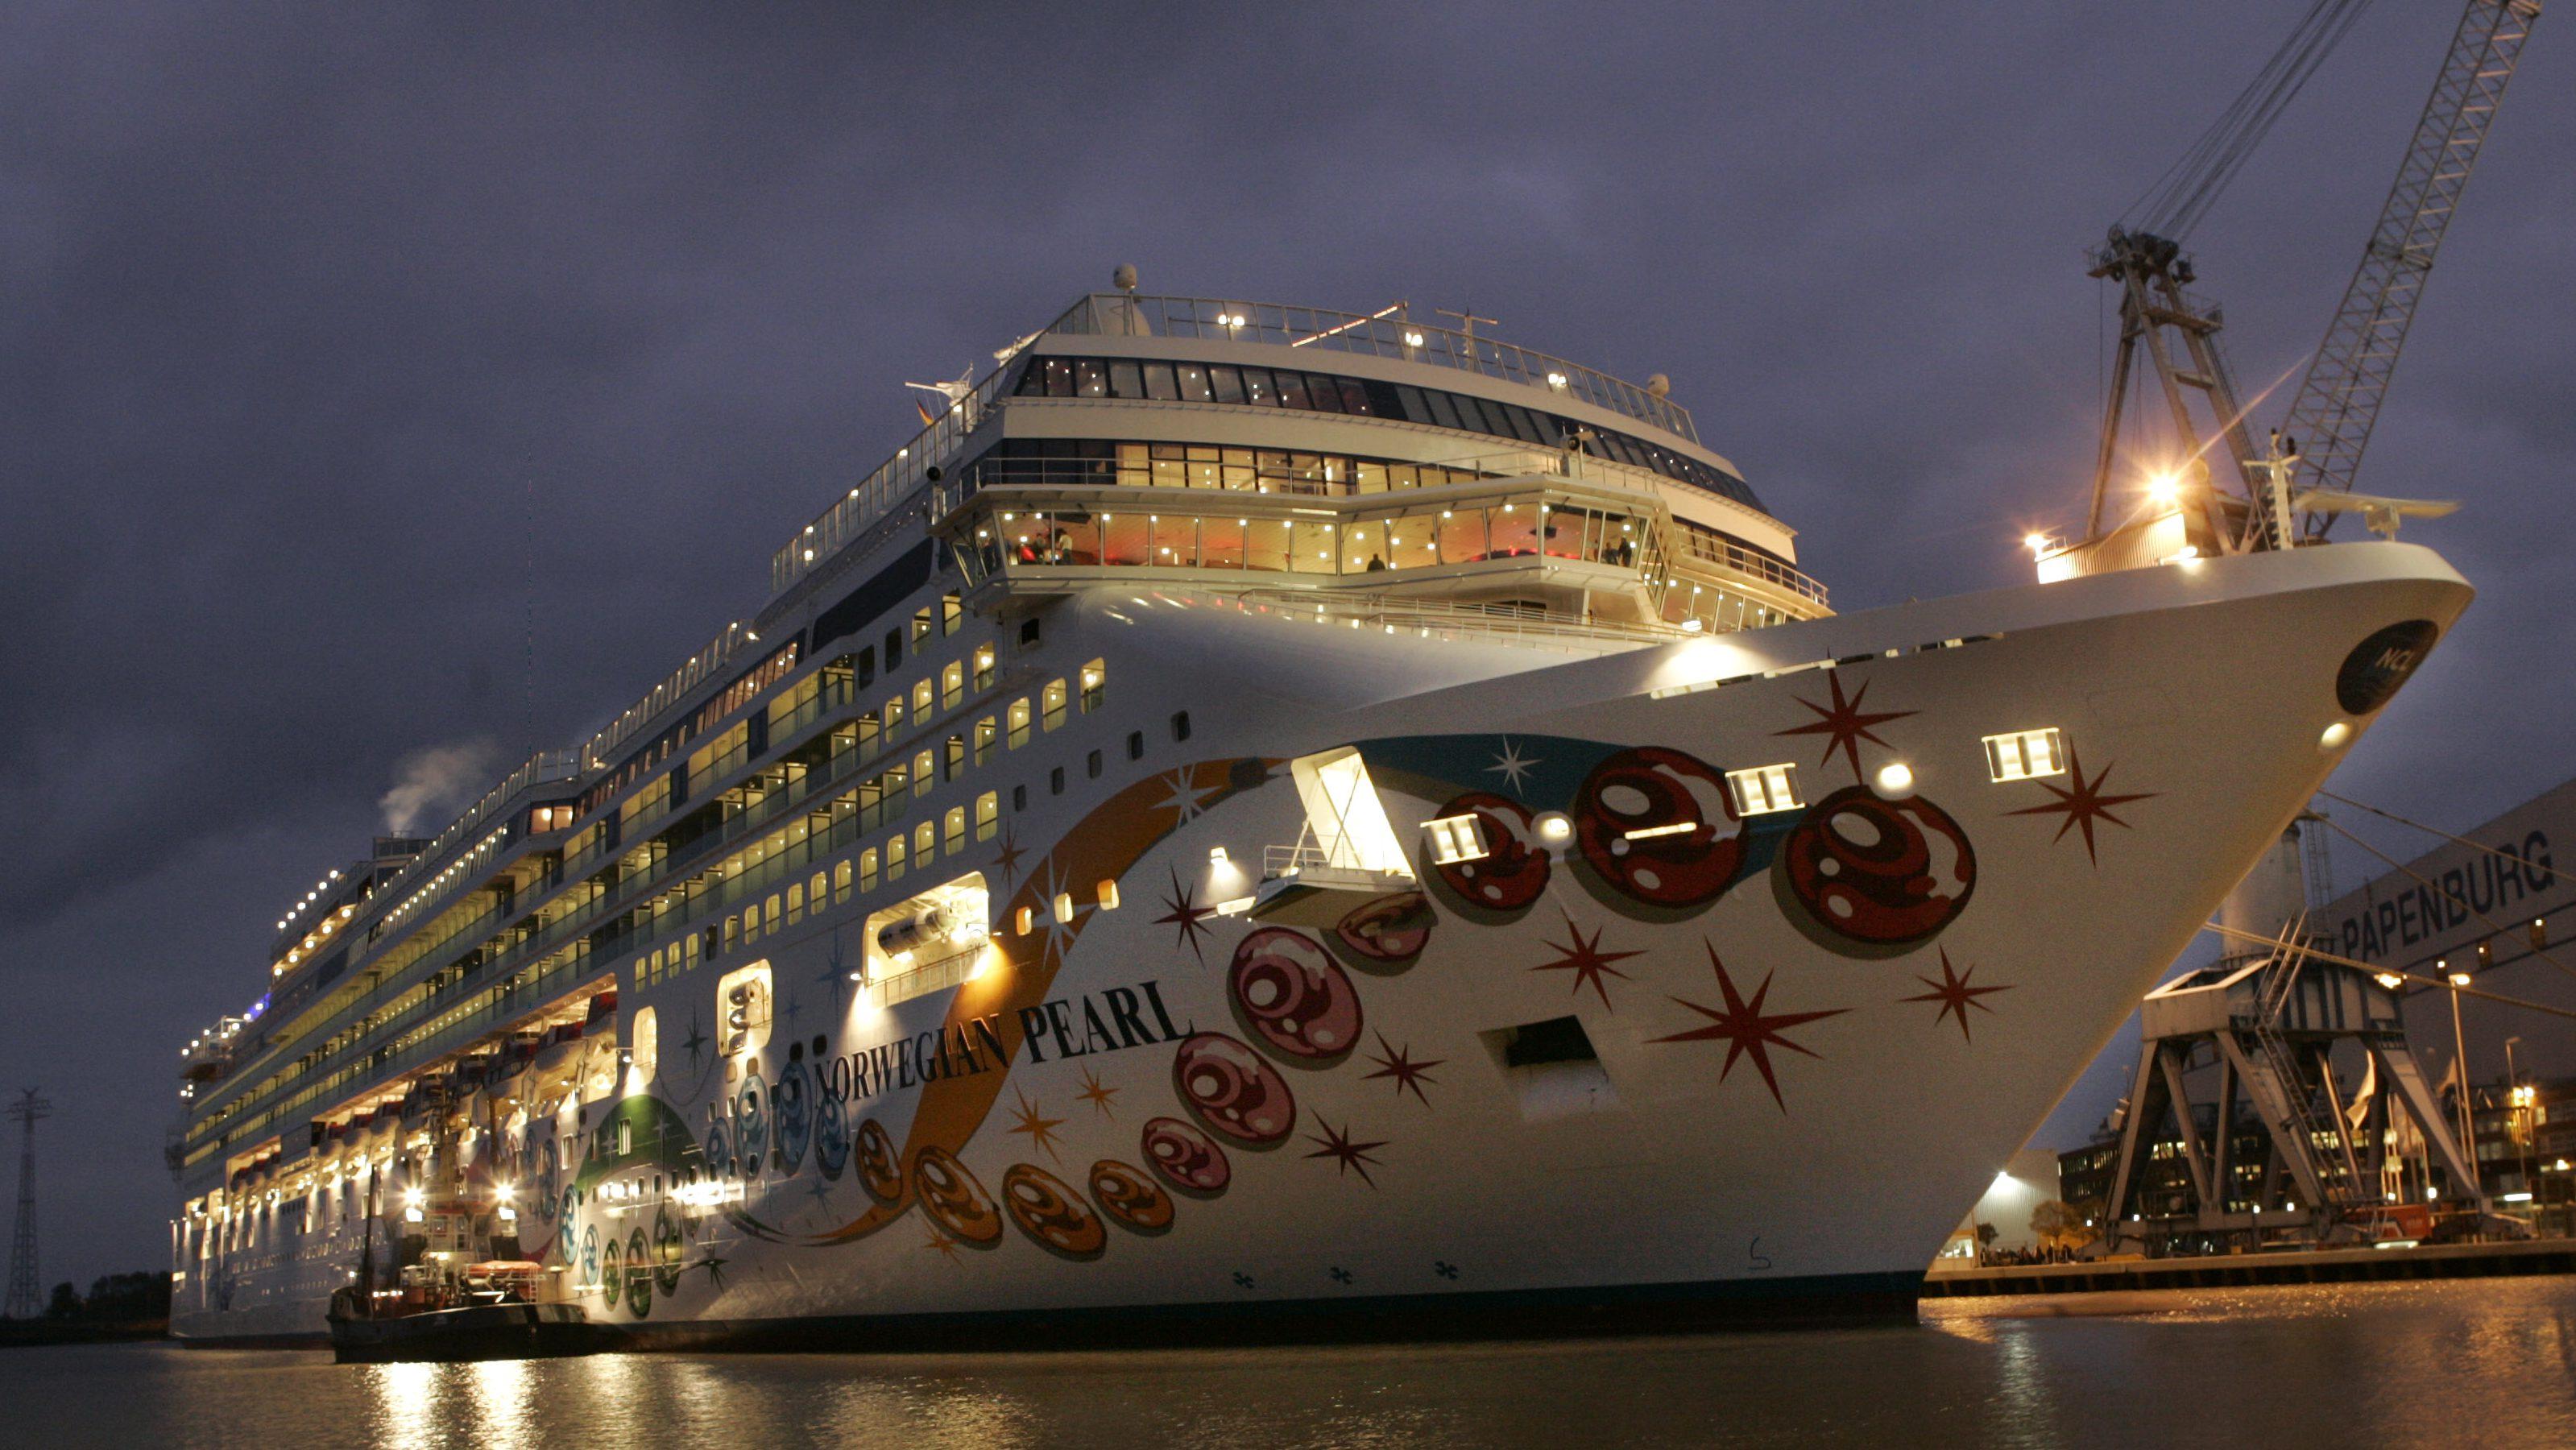 """Das Kreuzfahrtschiff """"Norwegian Pearl"""" liegt am Montag, 6. November 2006, am Kai der Meyer Werft in Papenburg.  Eine Hochspannungsleitung ueber den Fluss wurde am Samstag, 4. November 2006 aus Sicherheitsgruenden ausgeschaltet. Dieses hat moeglicherweise einen Stromausfall in mehreren westeuropaeischen Laendern zur Folge gehabt. Am Abend soll es einen neuen Versuch der Ueberfuehrung geben. (AP Photo/Joerg Sarbach) ---Newly build cruiser 'Norwegian Pearl' lays in the port of the Meyer shipyard in Papenburg, northern Germany, Monday, Nov. 6, 2006. On Saturday a power line was deactivated for a safety passage of the 'Norwegian Pearl' through the river Ems. The shutdown probably caused a blackout in several western European countries. This night it will start a new attempt.(AP Photo/Joerg Sarbach)"""